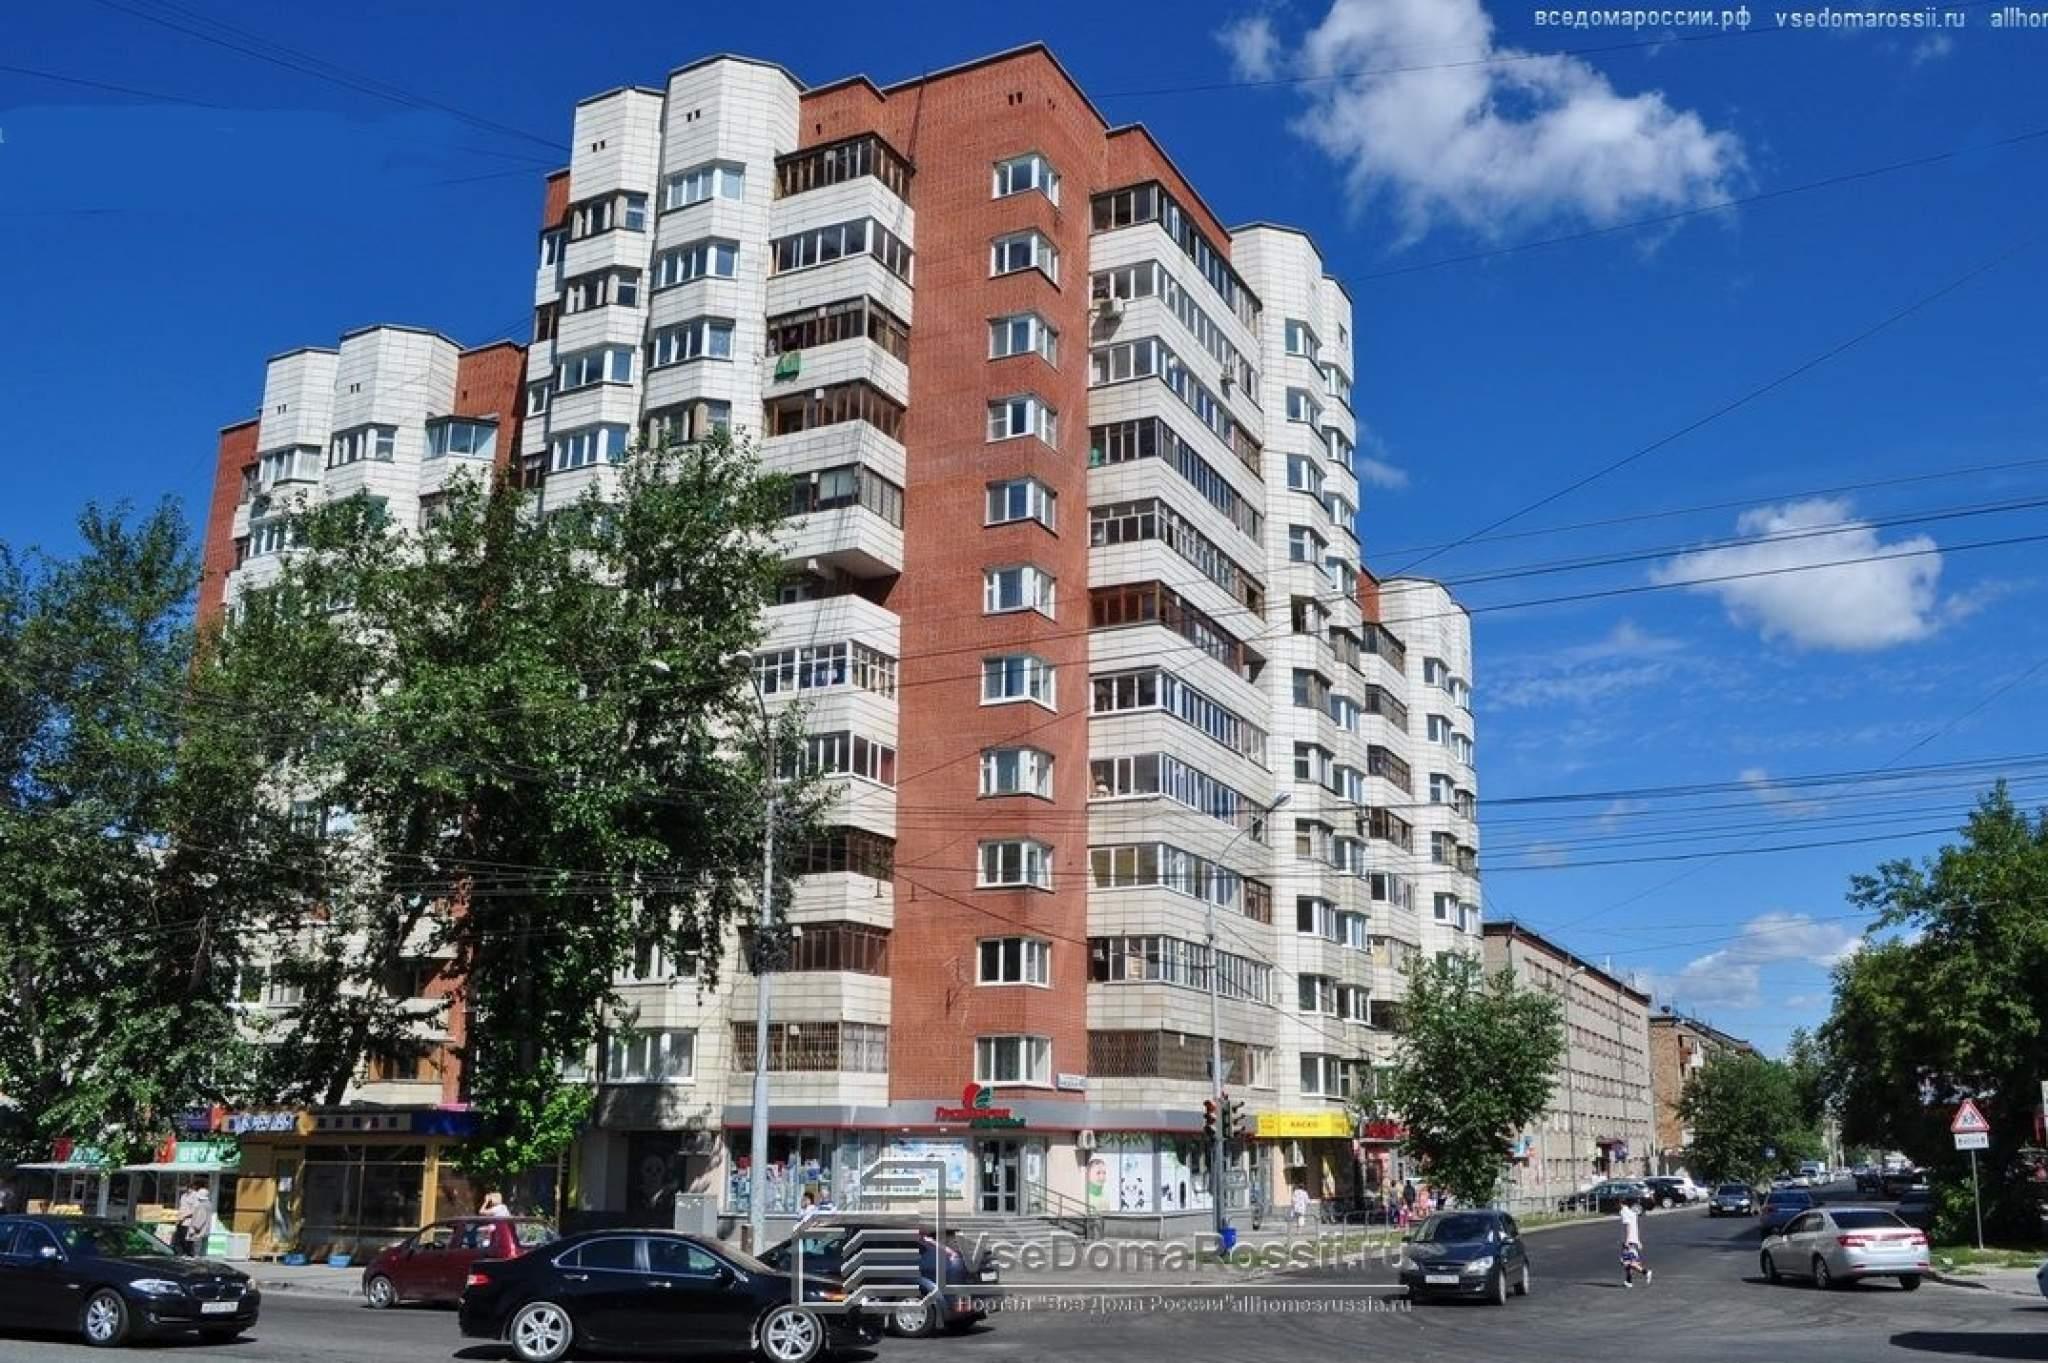 Объявление. г. Екатеринбург, 2-комн.кв. 60кв.м, Заводская улица, д.40. Фото 9